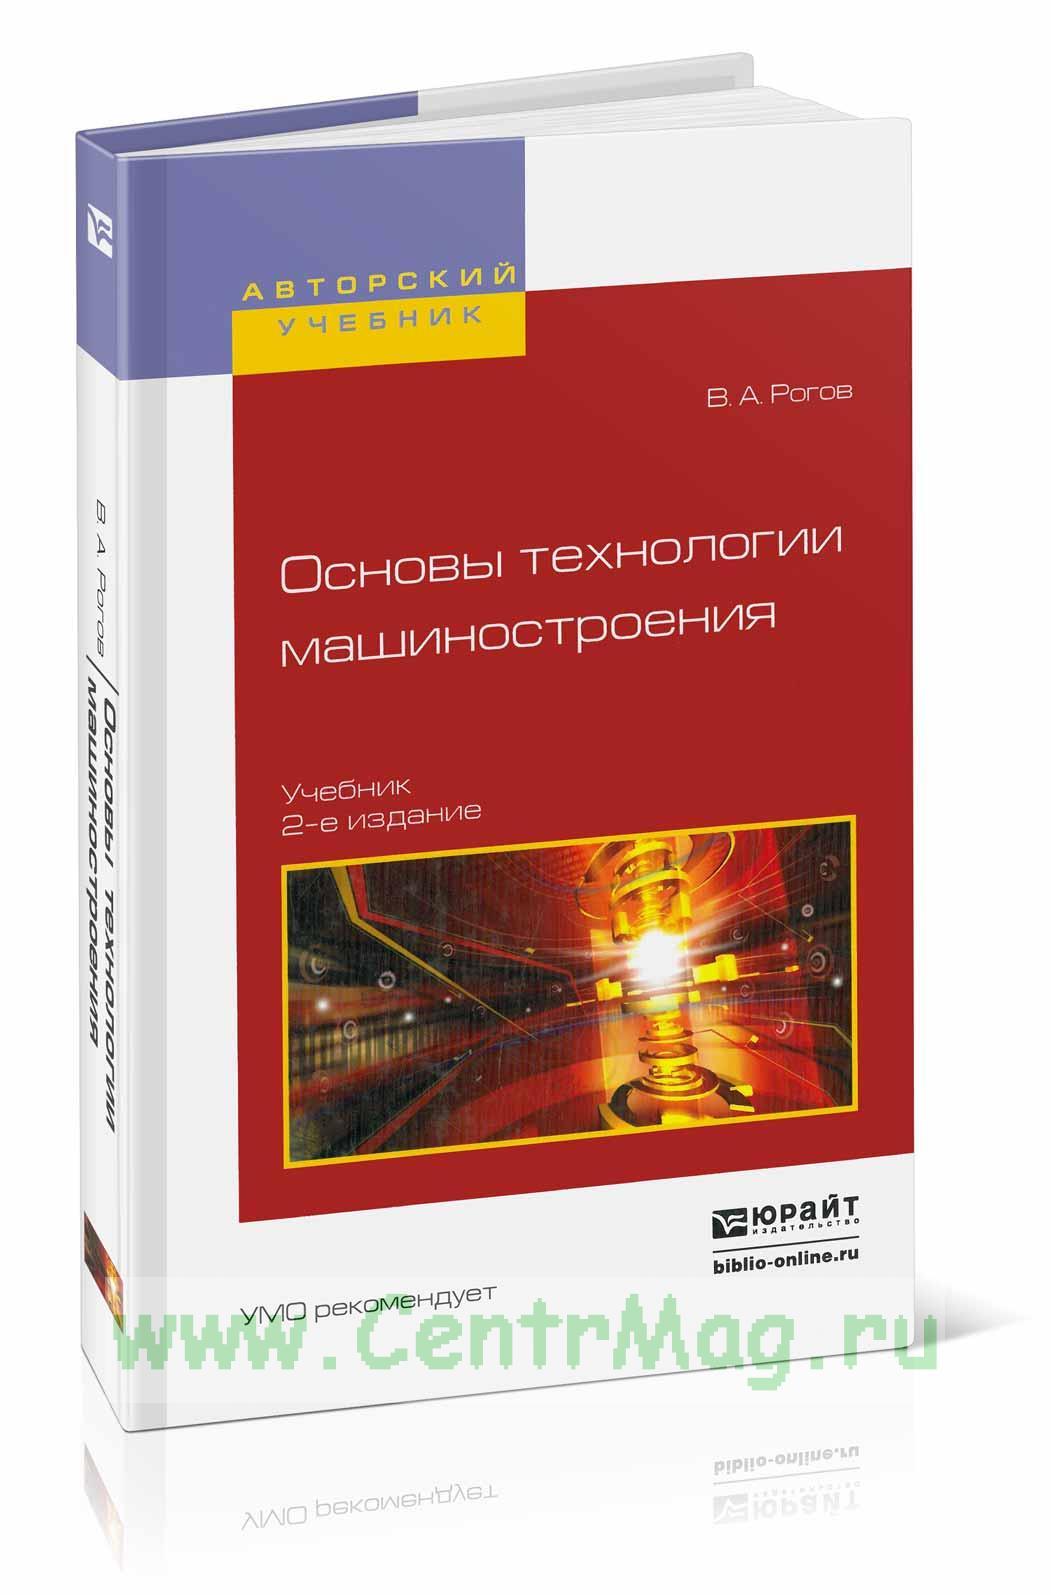 Основы технологии машиностроения: учебник (2-е издание, исправленное и дополненное)